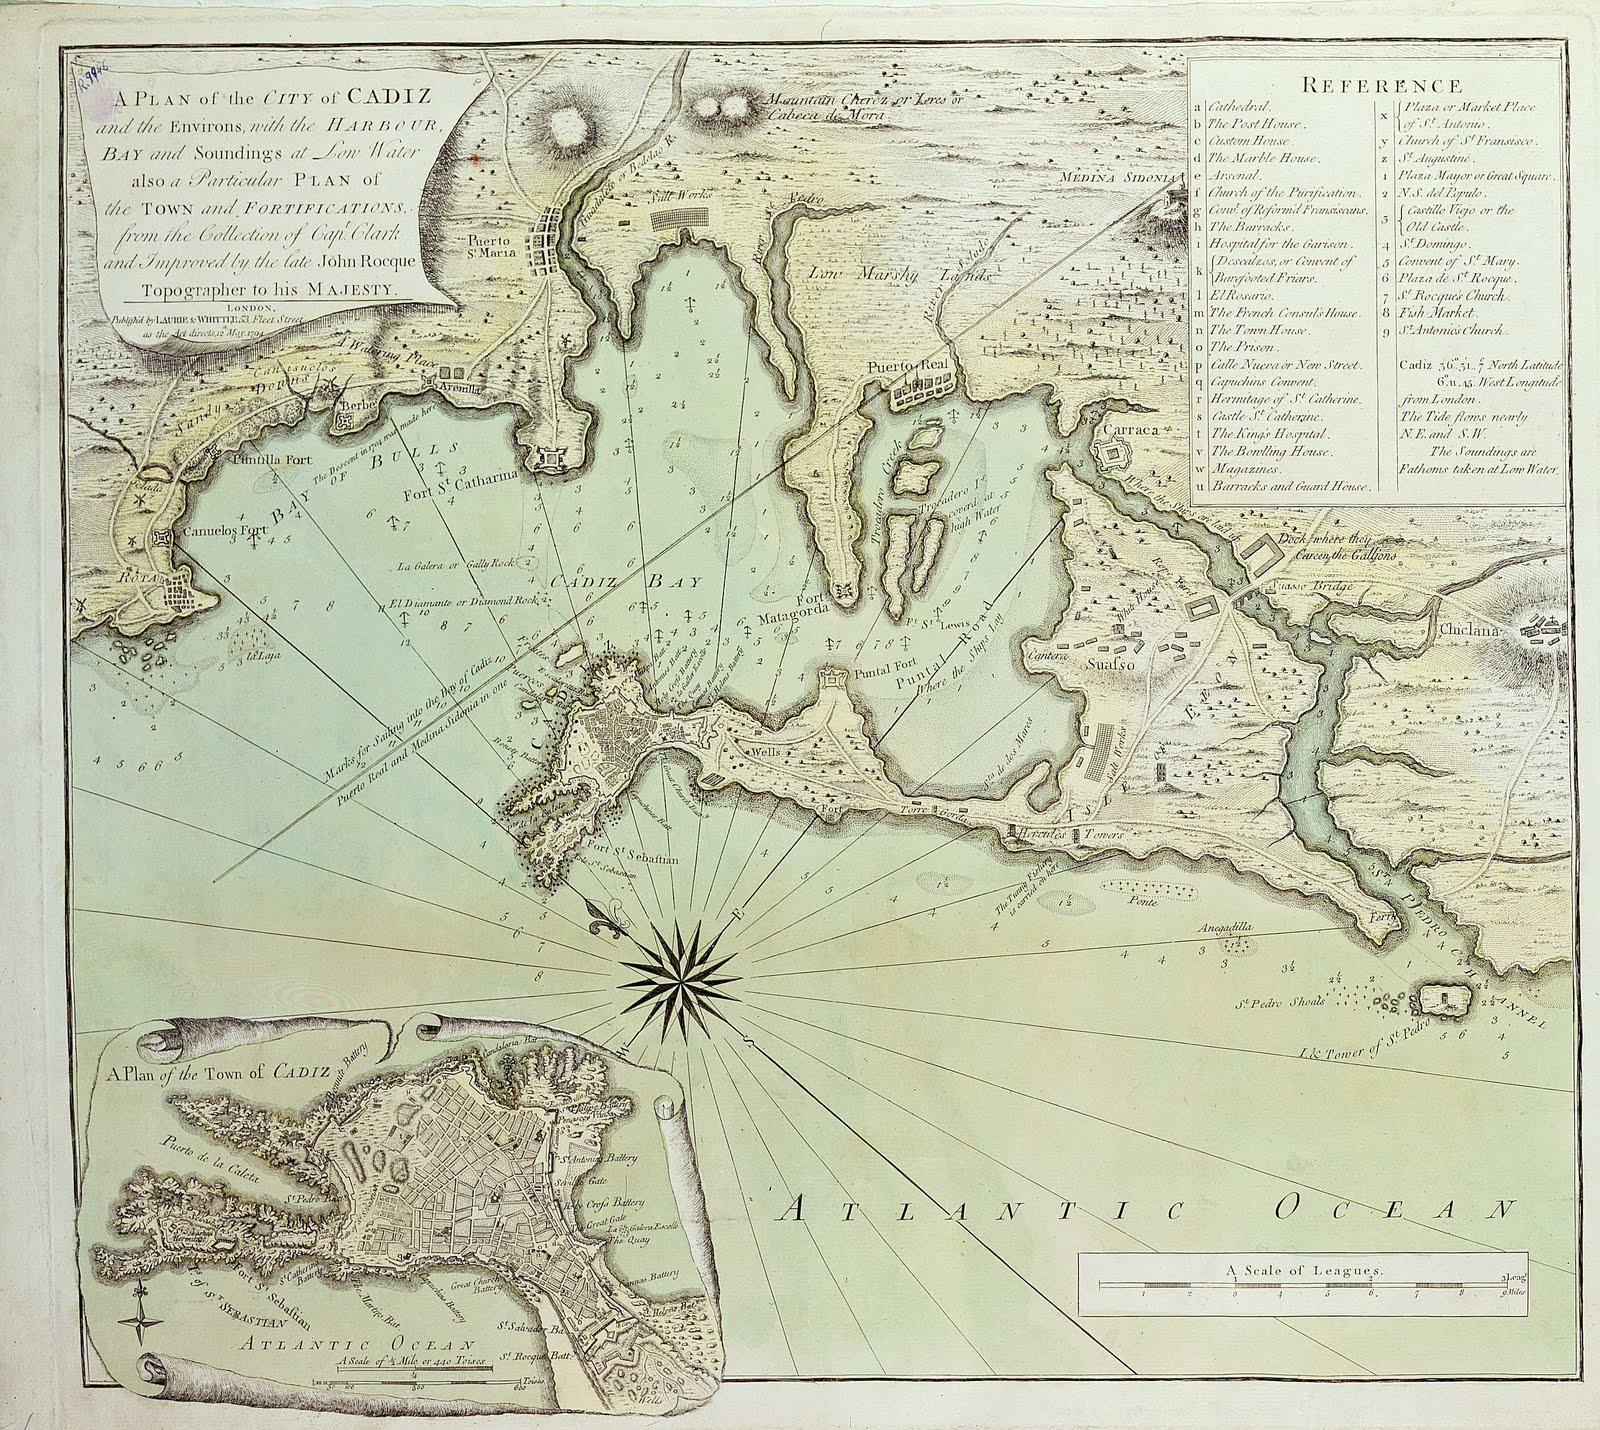 City of Cadiz 1794